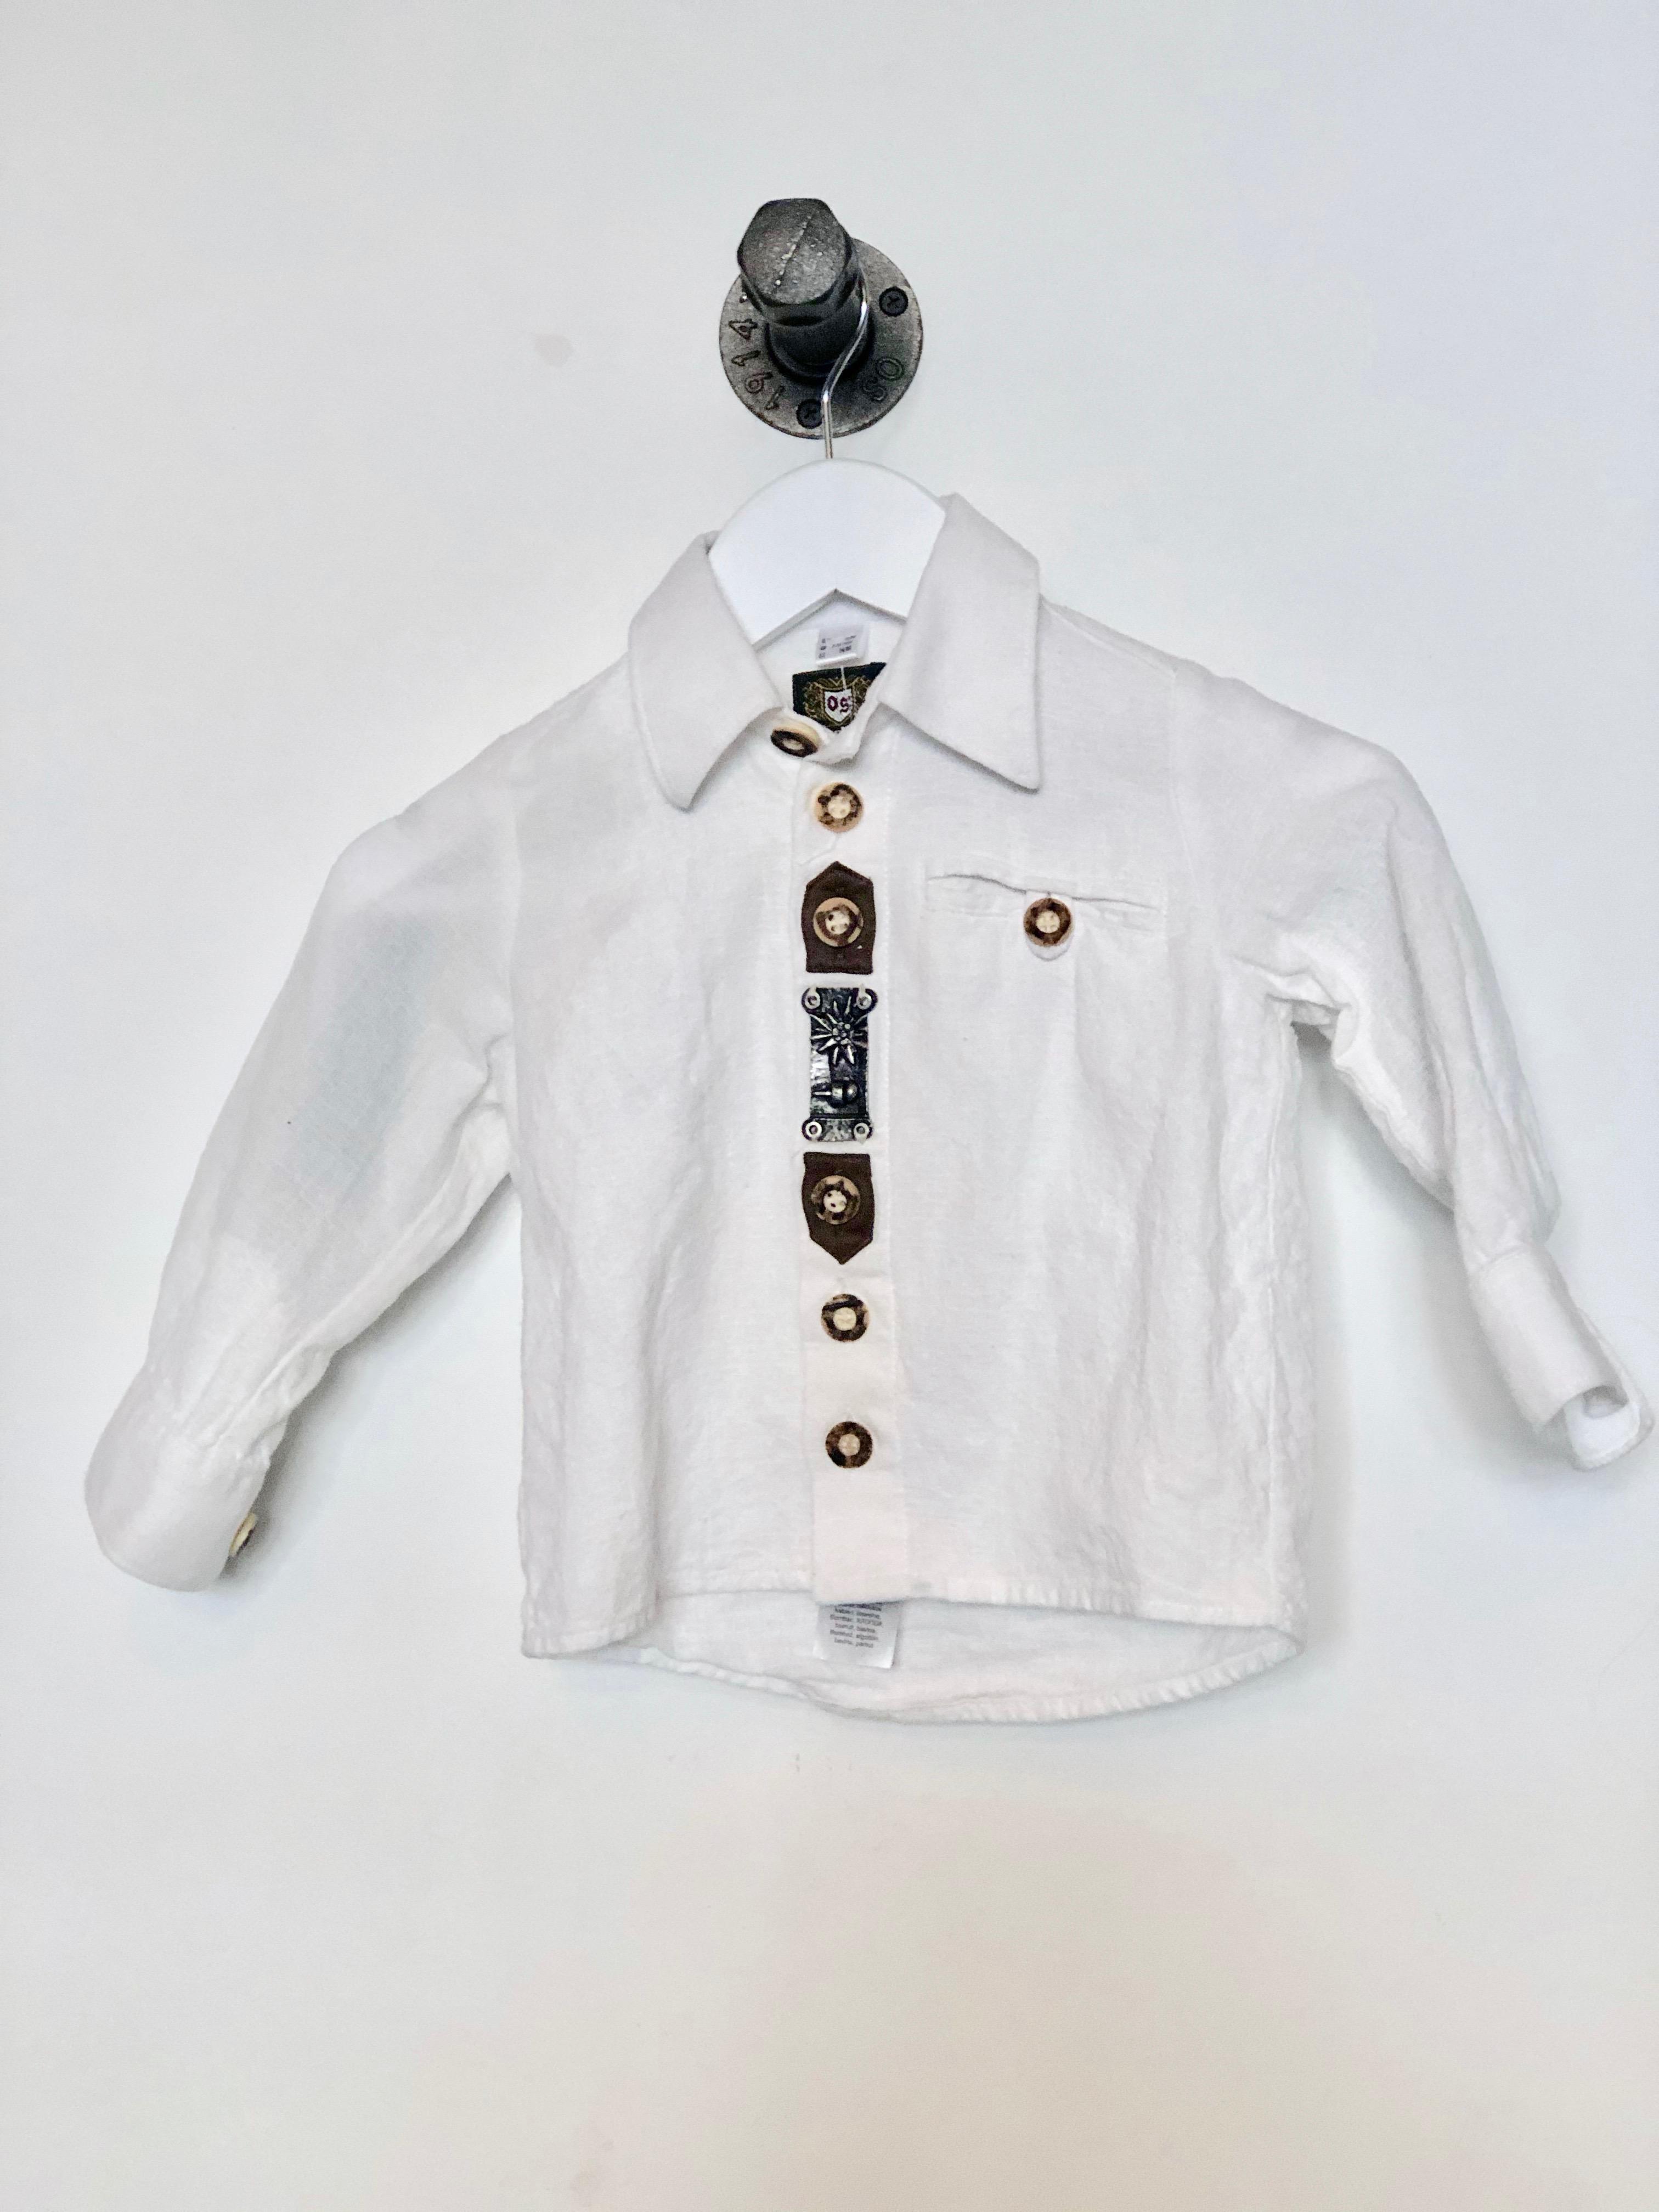 Gr. 74-80 OS Trachten Trachtenhemd (ok)